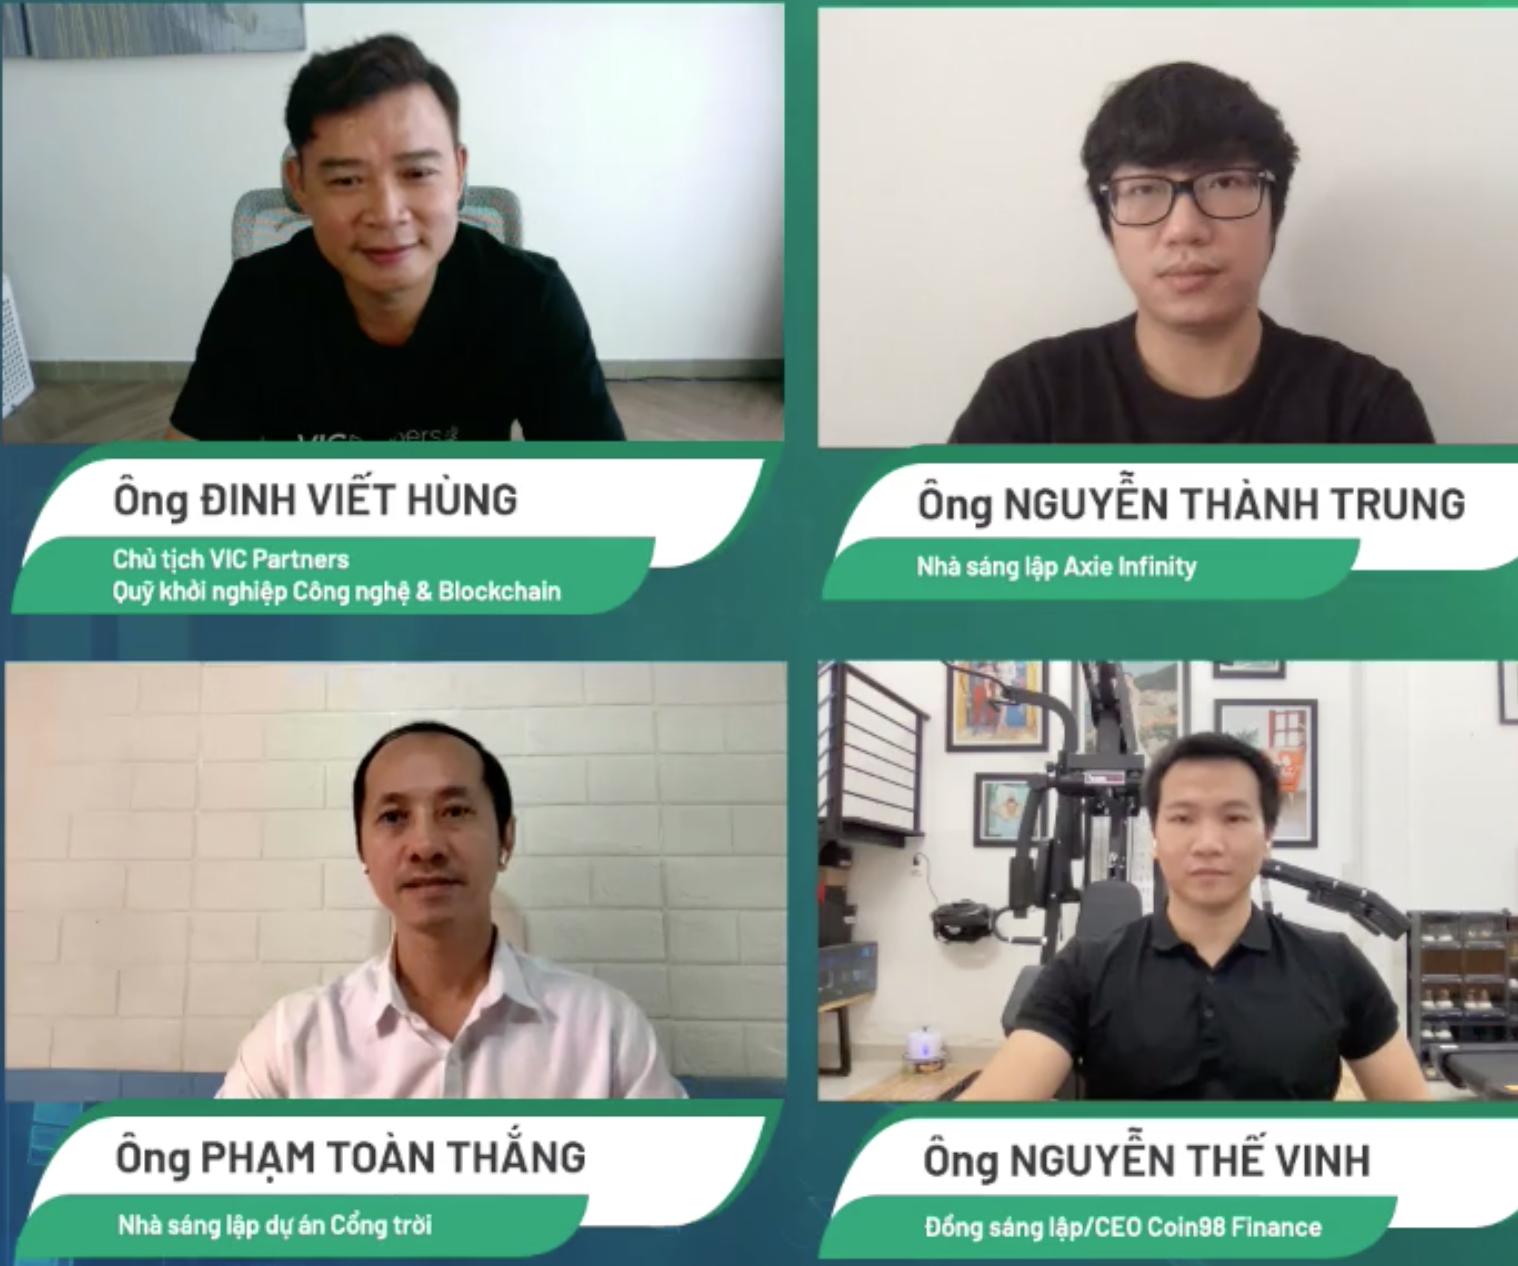 Bốn diễn giả trong CTO Talks ngày 30/7, bàn về những cơ hội và rủi ro khi đầu tư vào blockchain nói chung và thị trường tiền điện tử, NFT nói riêng.